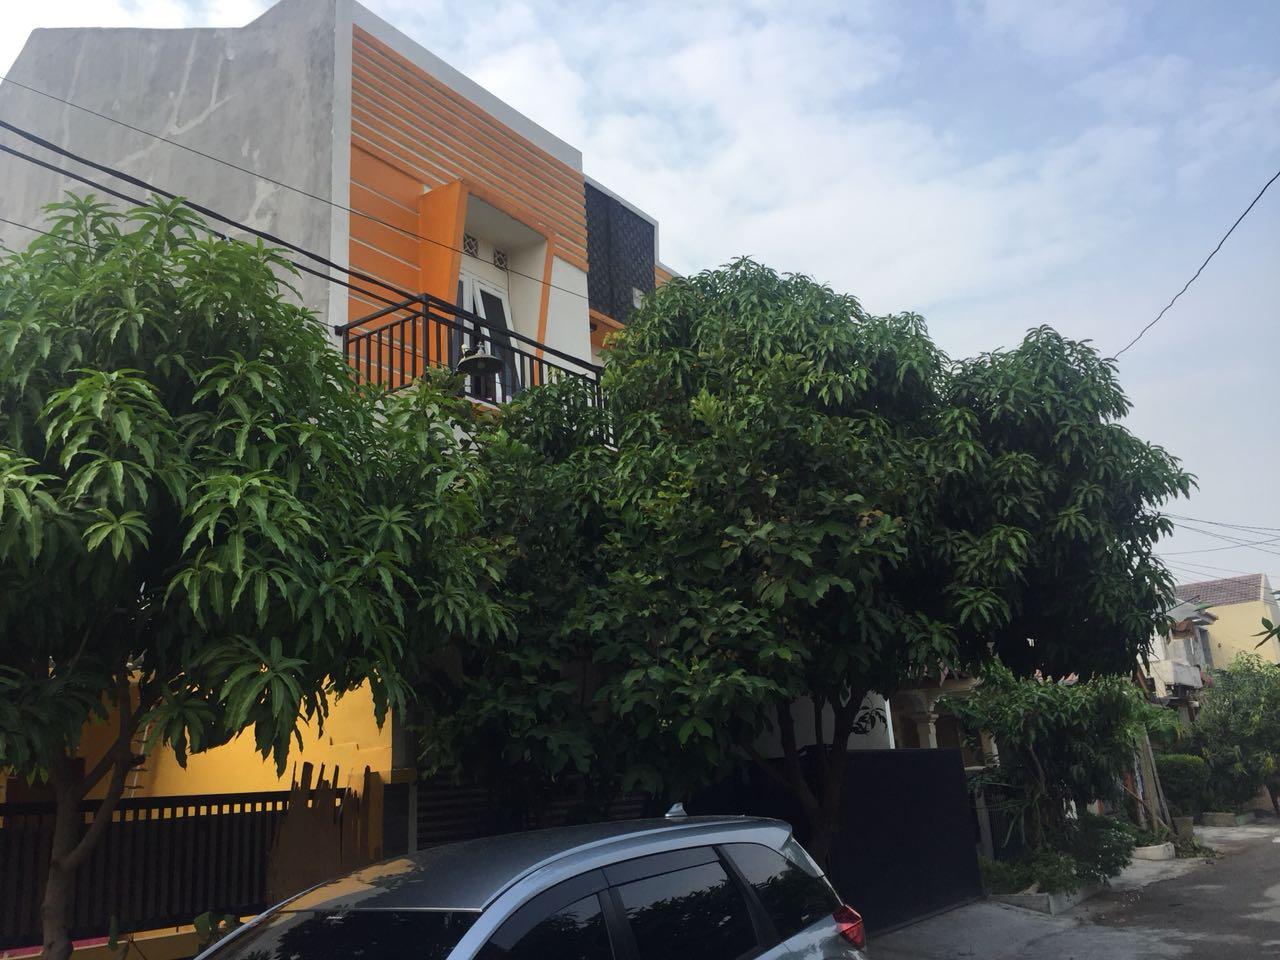 Rumah Impian Sudah Renov Siap Huni Harga Hemat Pesona Anggrek@ Bekasi